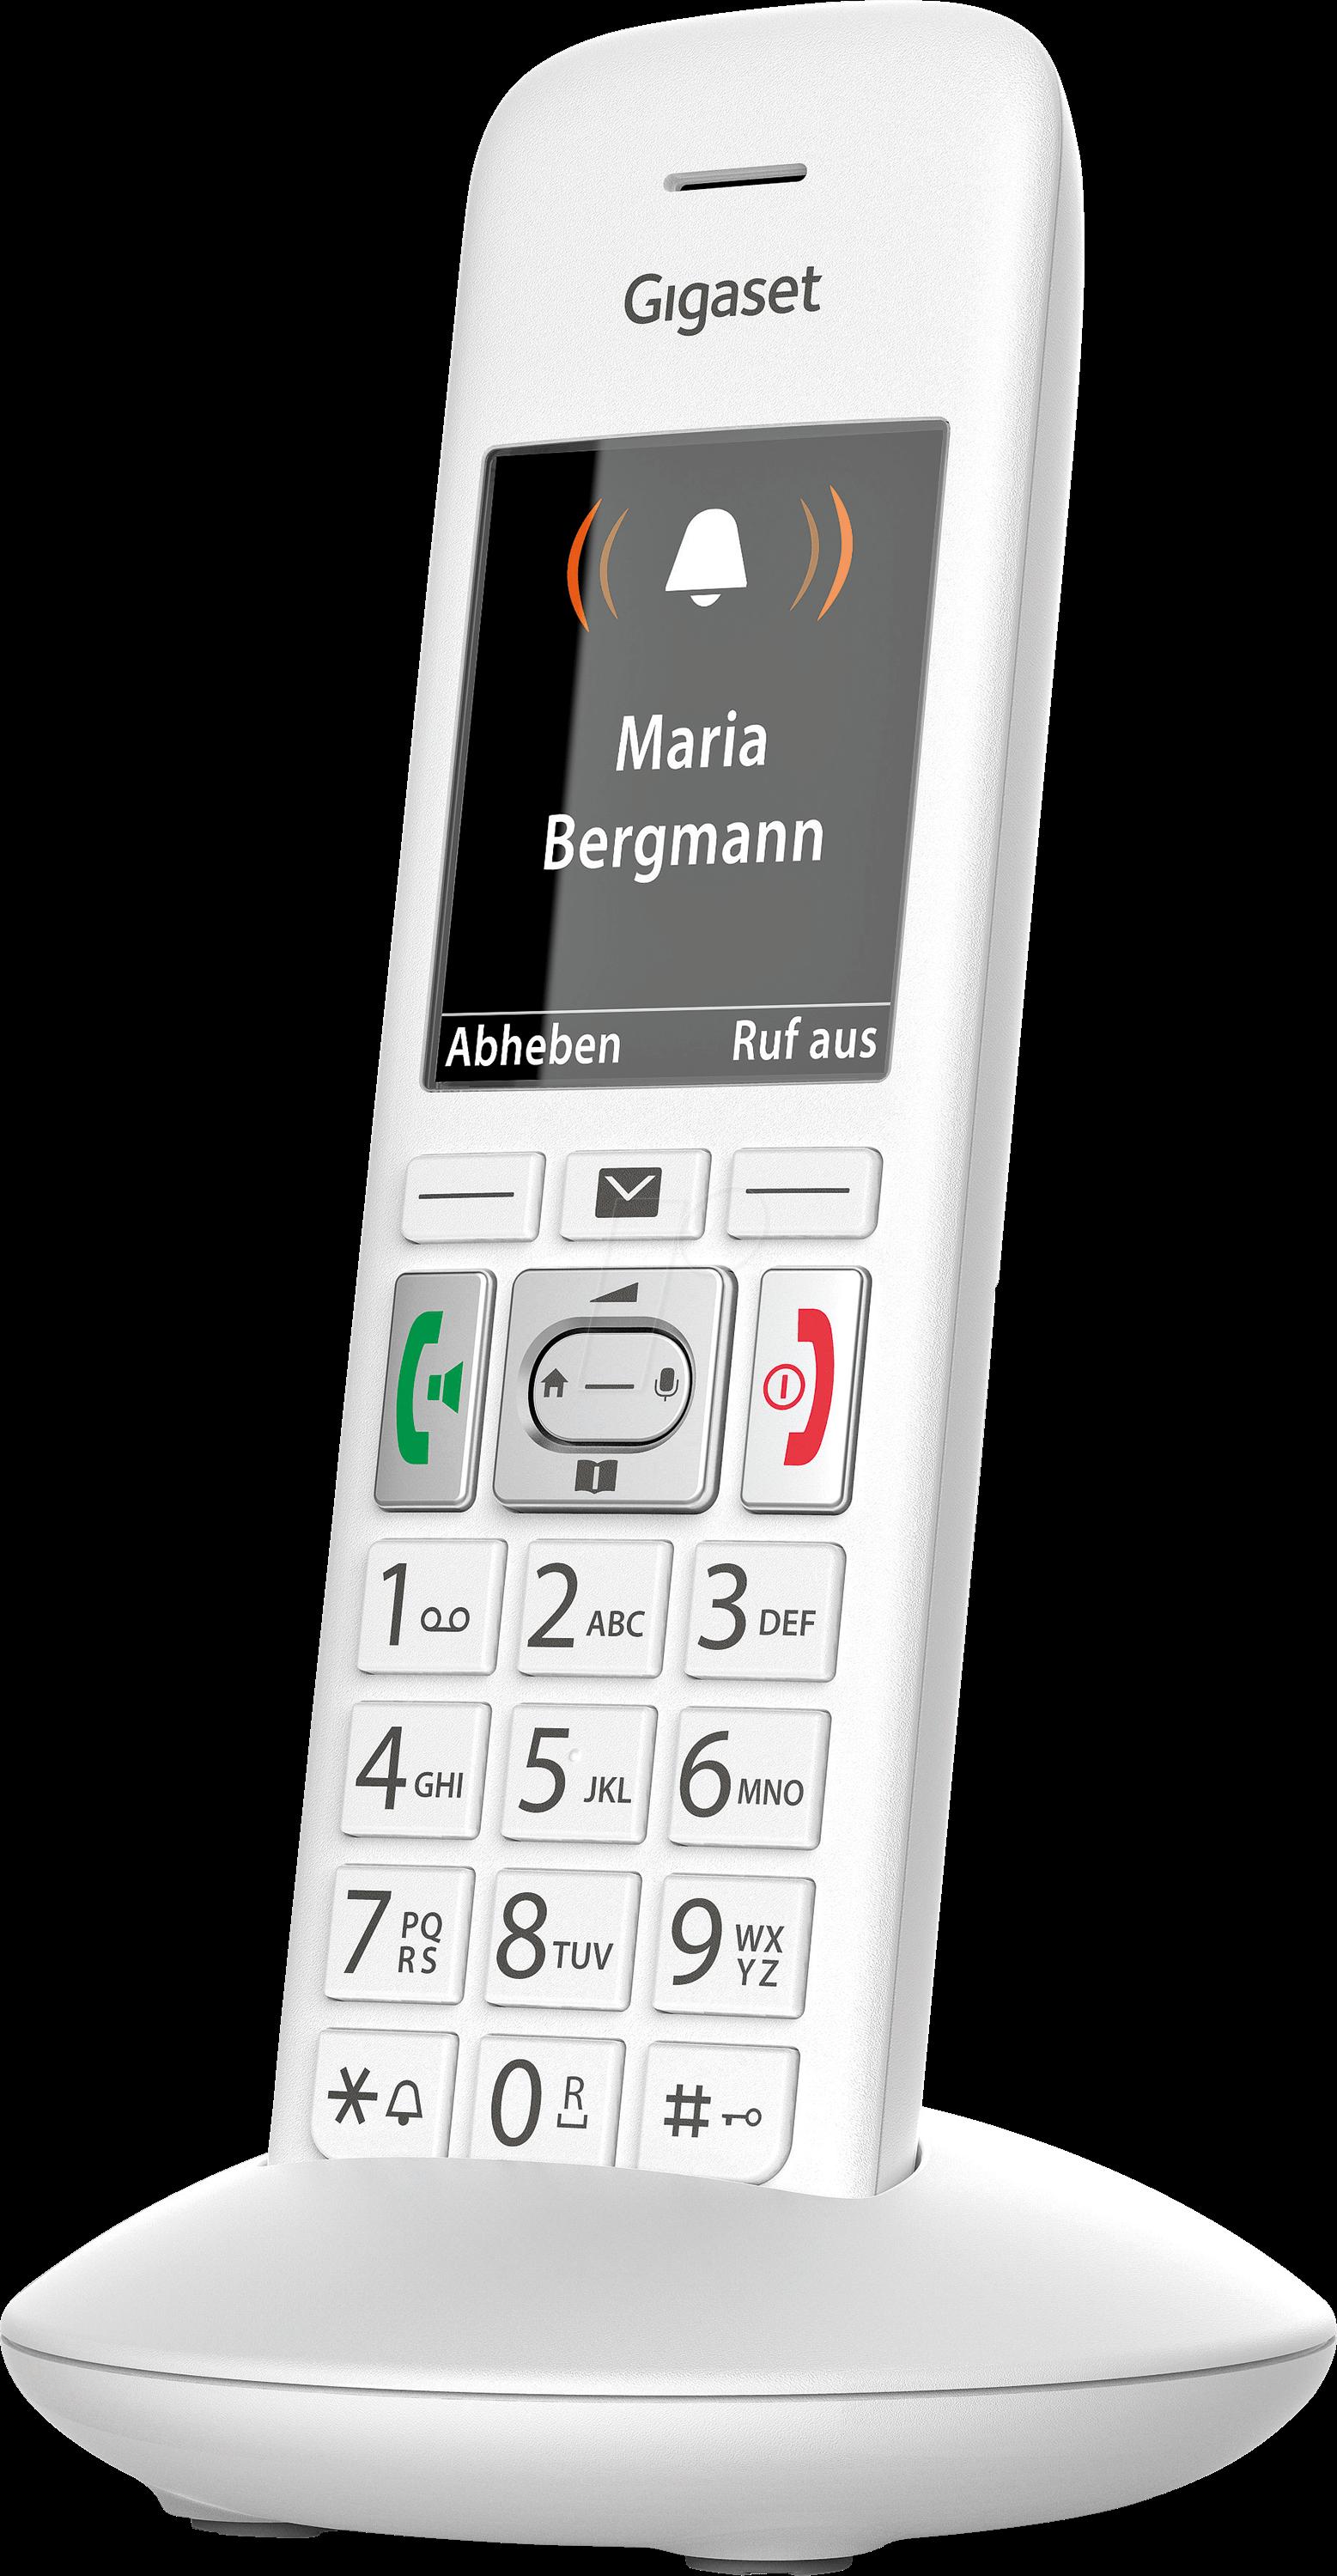 gigaset e370hx dect telefon 1 mobilteil mit ladestation. Black Bedroom Furniture Sets. Home Design Ideas